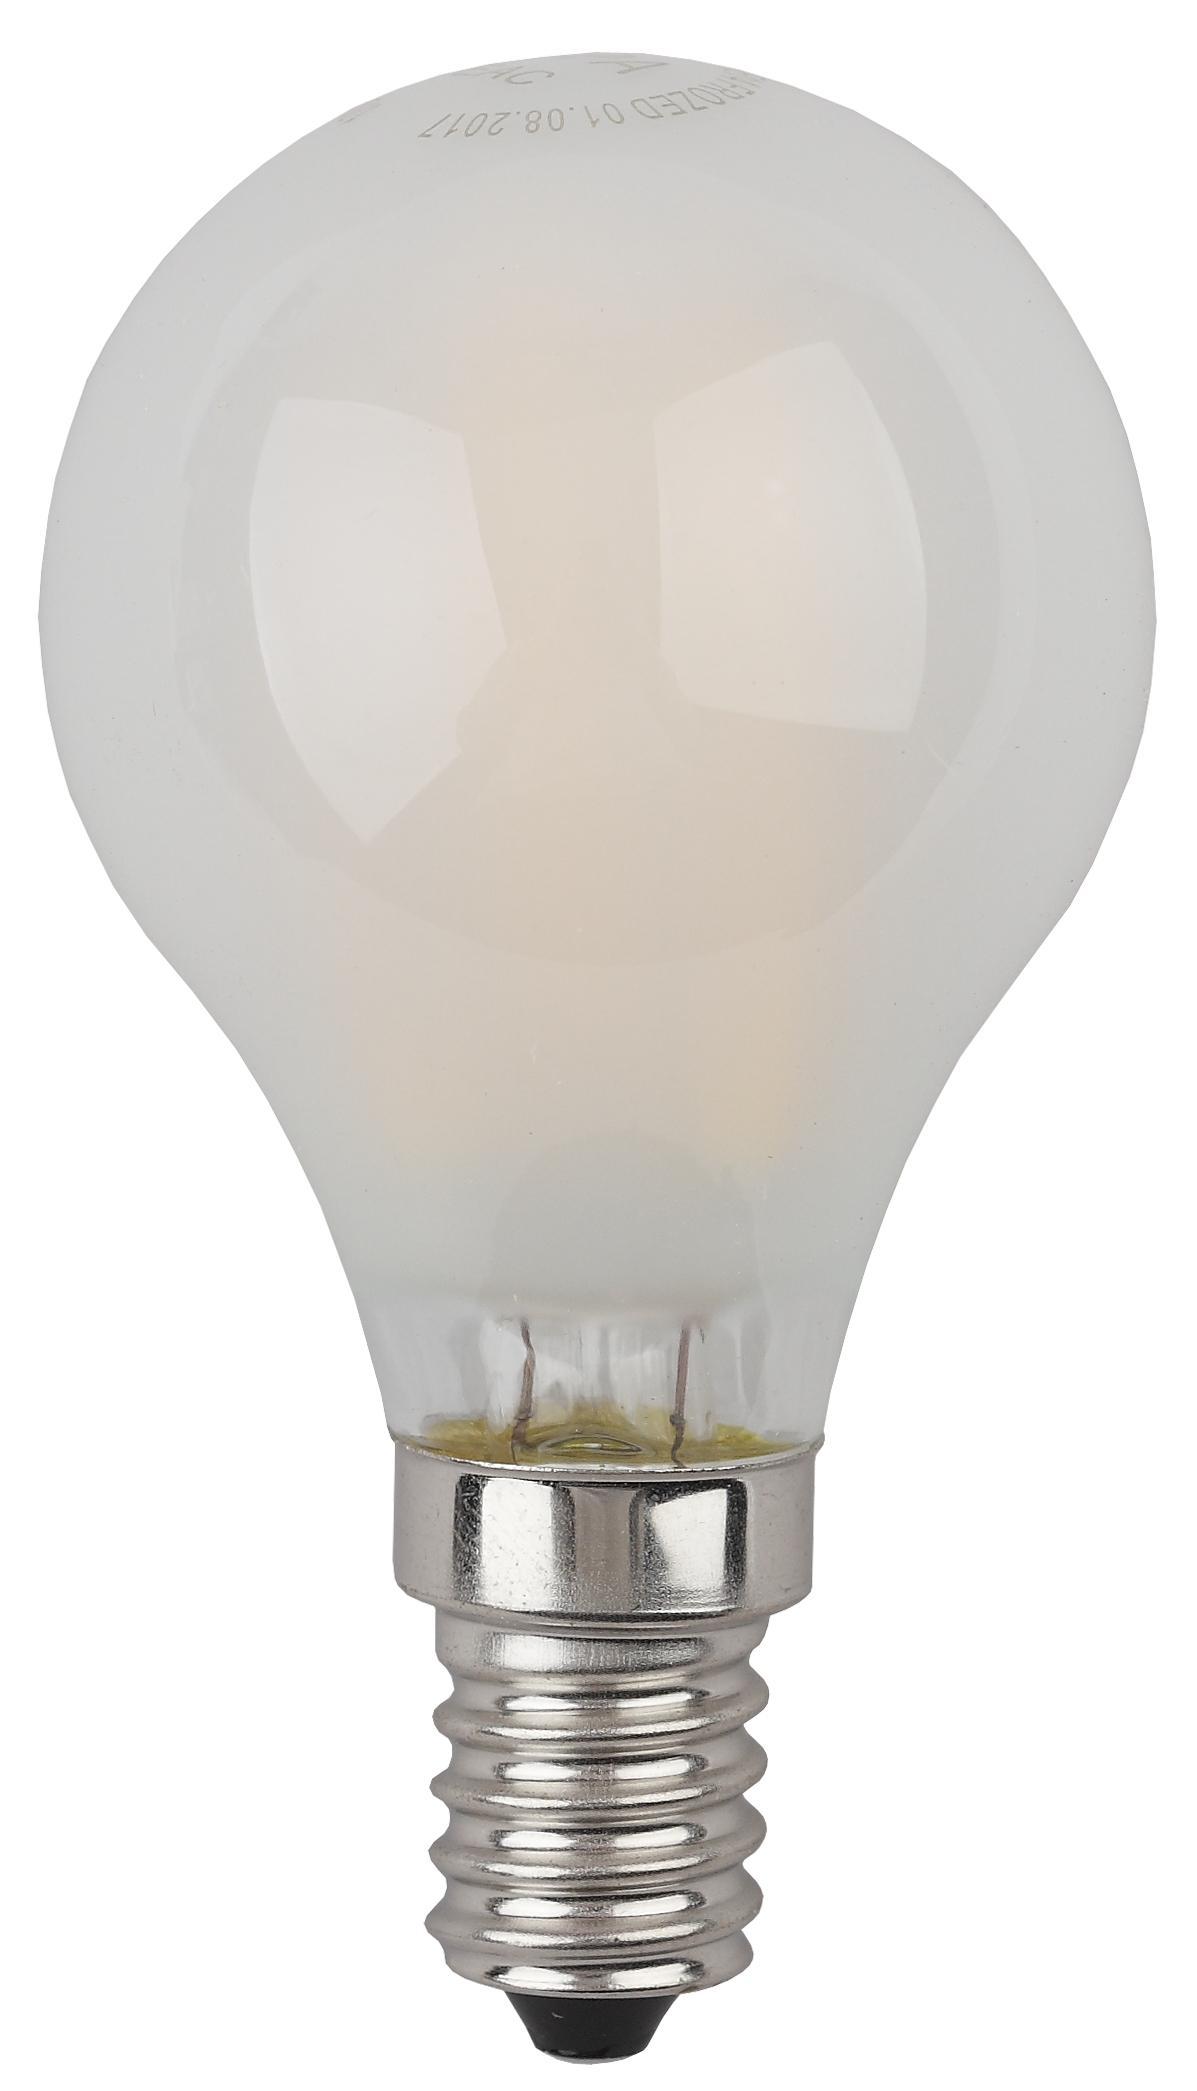 Лампа светодиодная ЭРА F-led p45-5w-840-e14 frozed